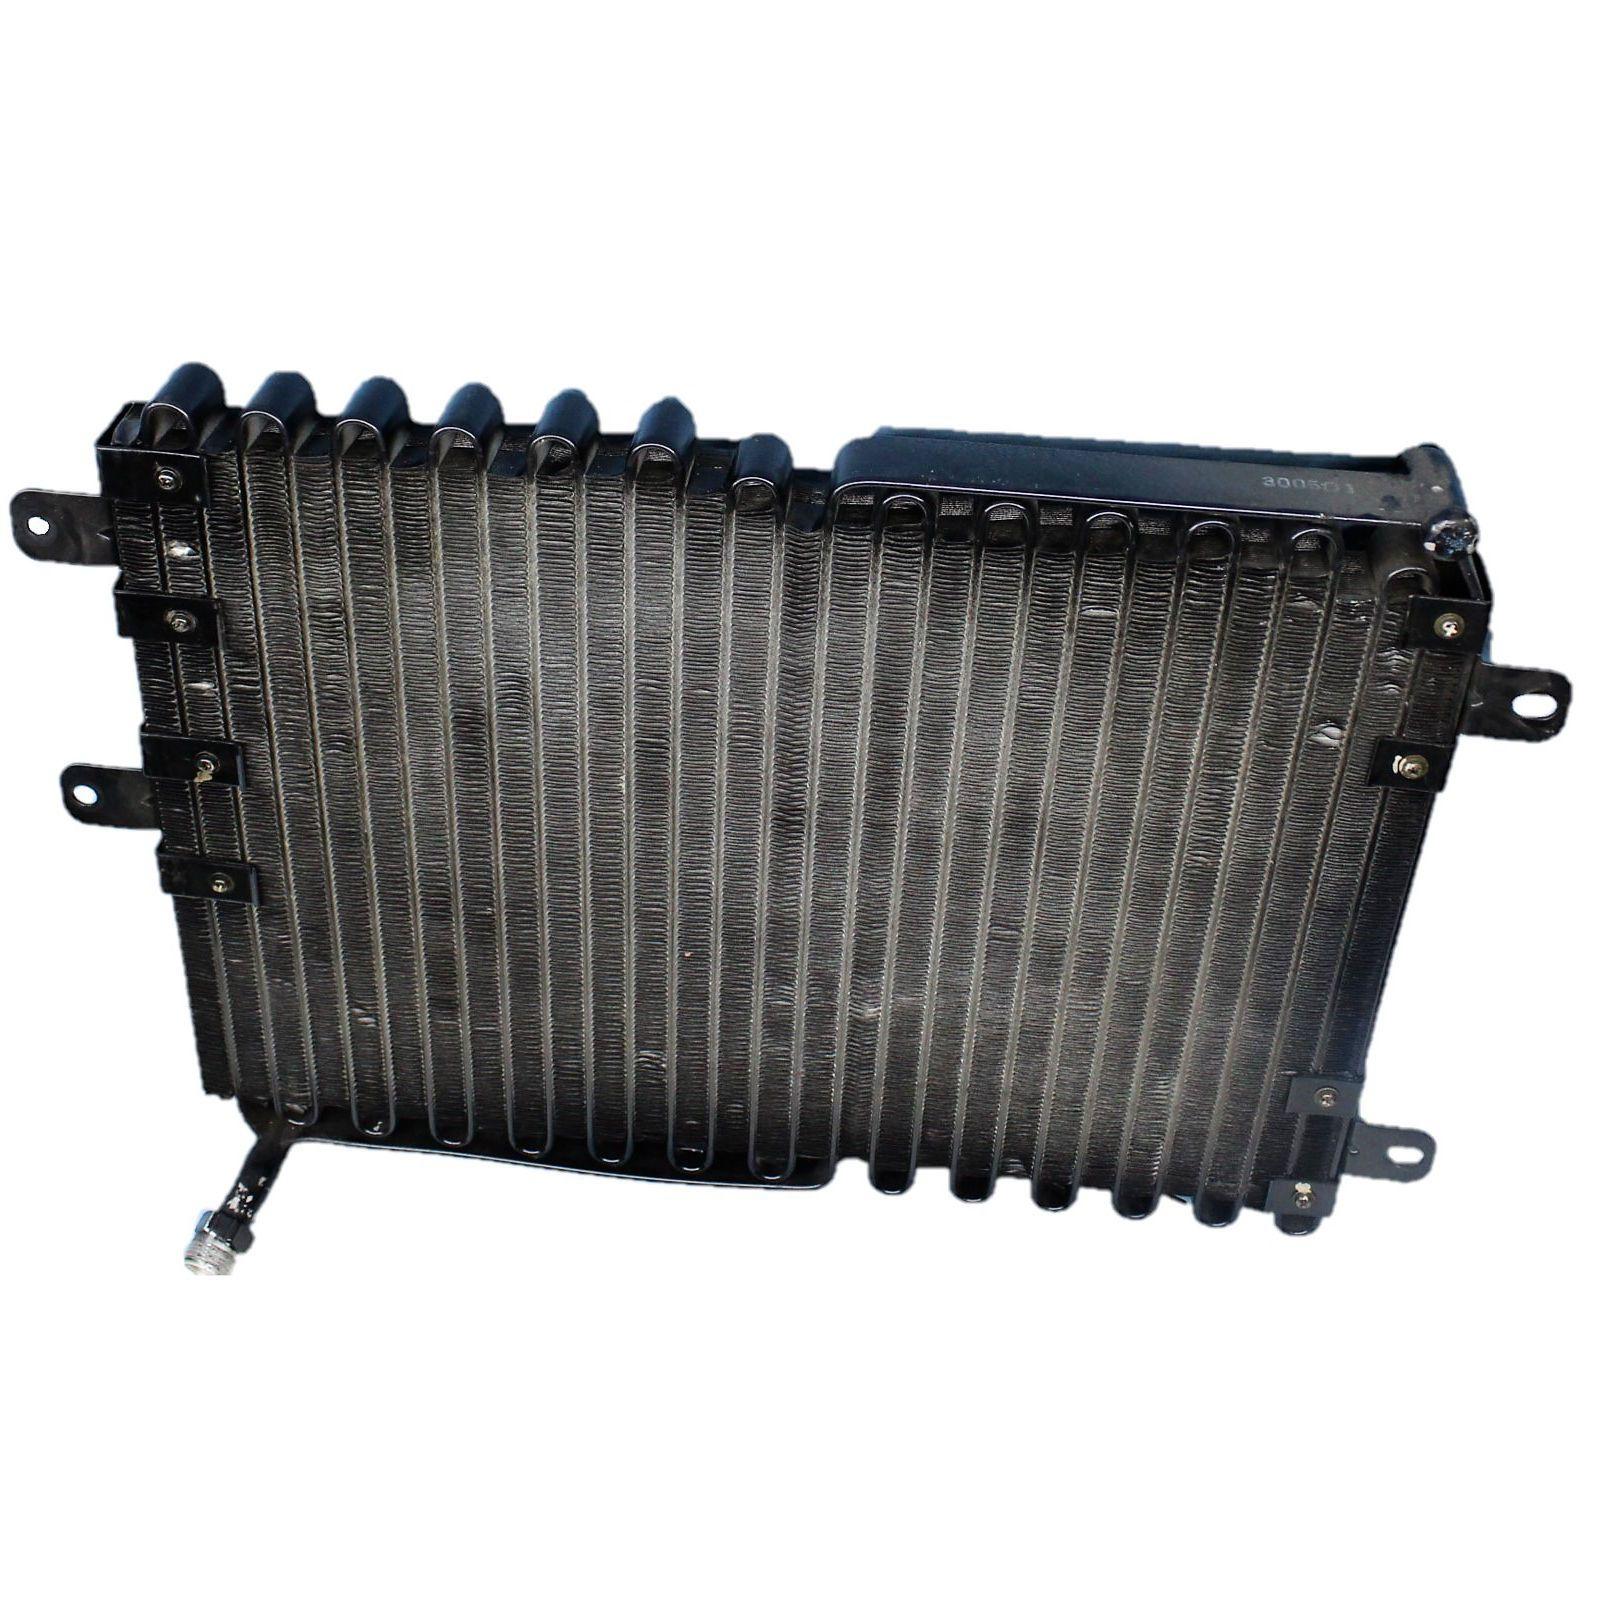 Condensador Ar Condicionado Gol, Parati, Saveiro - G2, G3, G4 - Usado